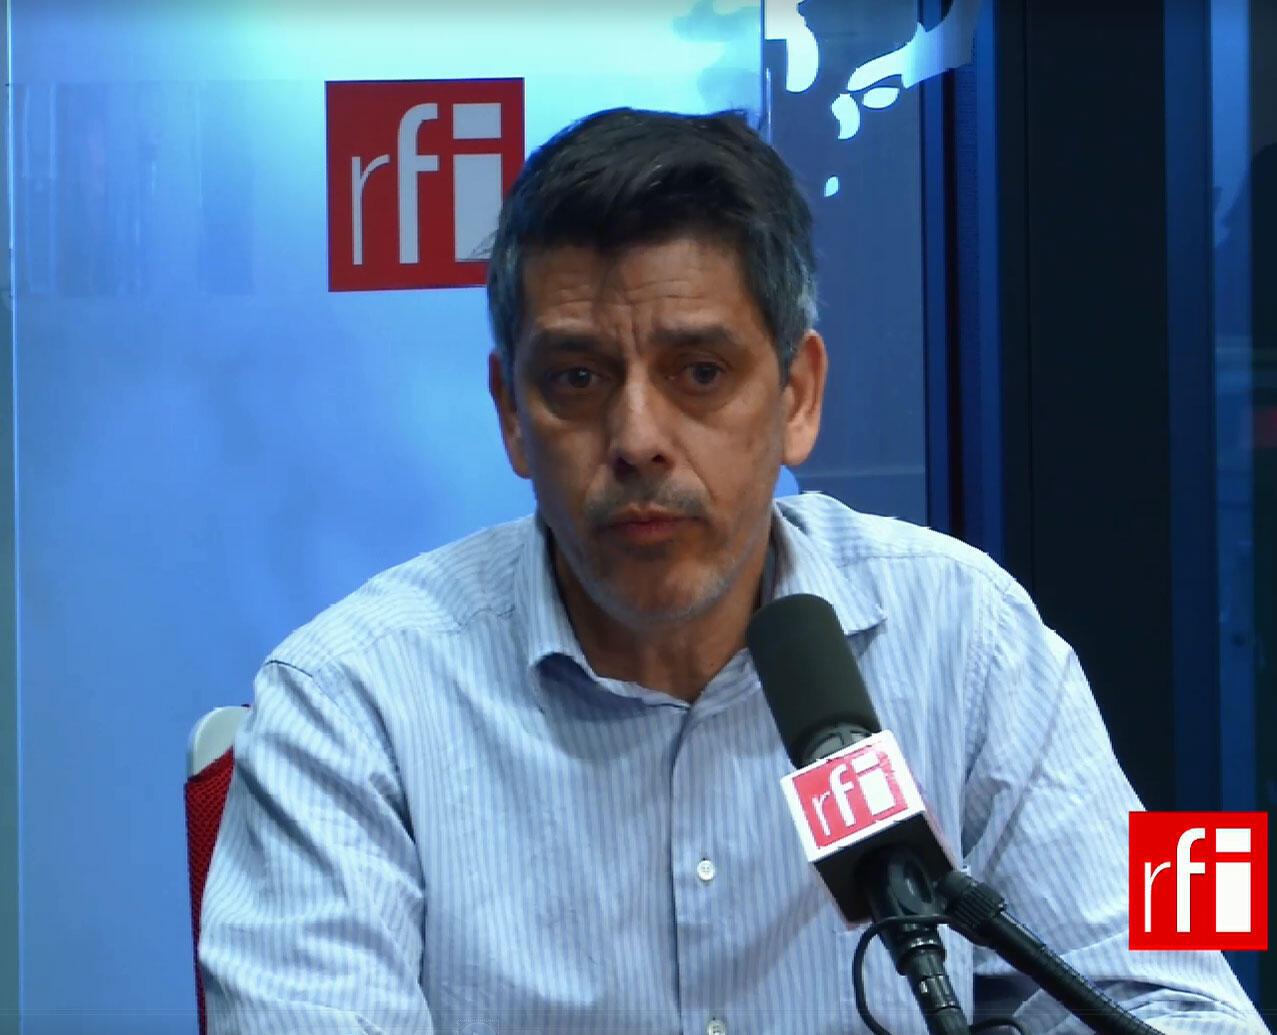 O RFI Convida ouviu o ator, roteirista e diretor Marcelo Teles, cujo filme foi selecionado para o Short Film Corner em Cannes.